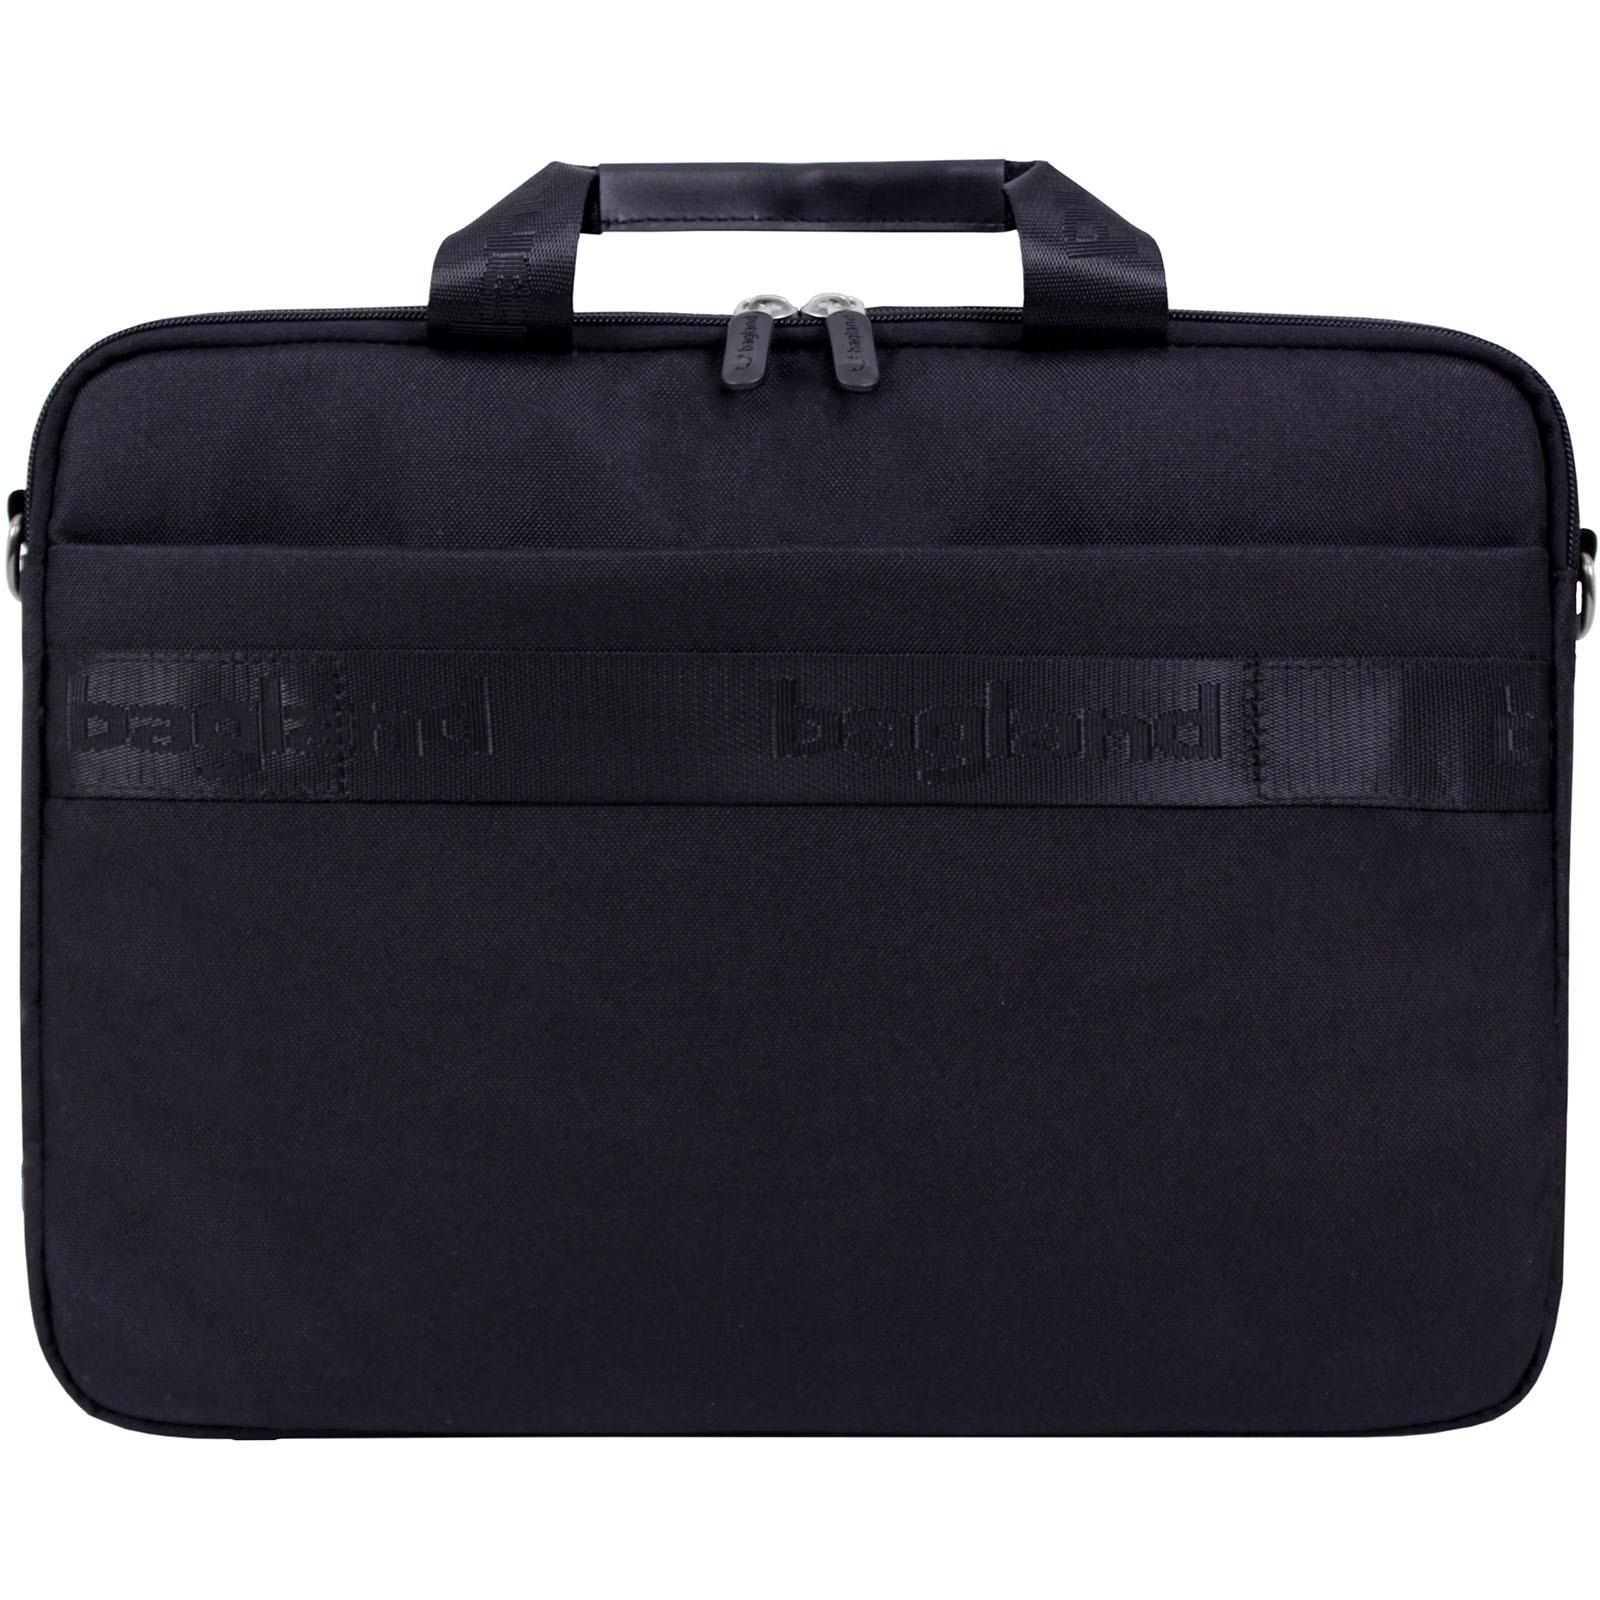 Сумка для ноутбука Bagland Континет 7 л. черный (0044066) фото 3